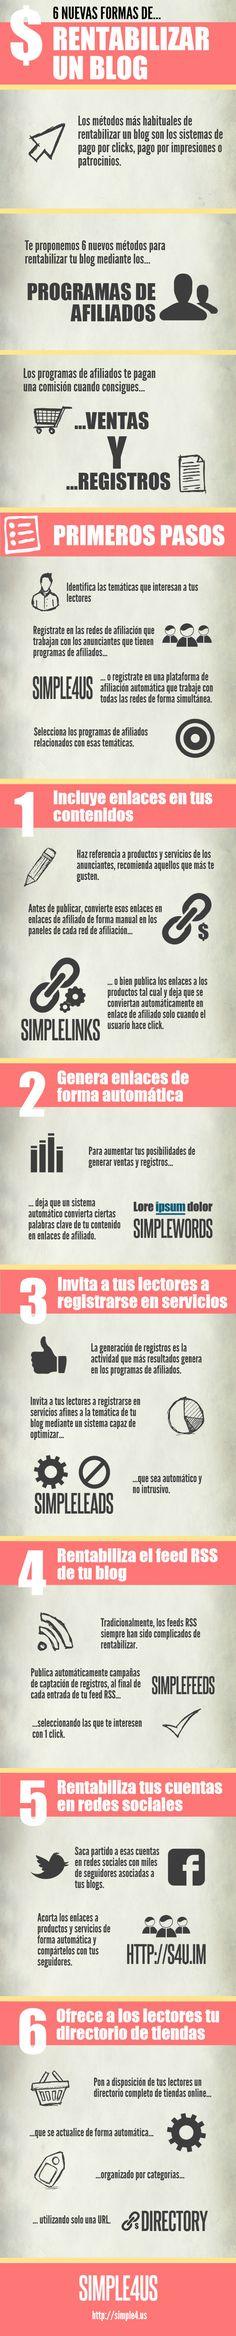 Otras 6 formas de rentabilizar tu blog #infografia #infographic #socialmedia